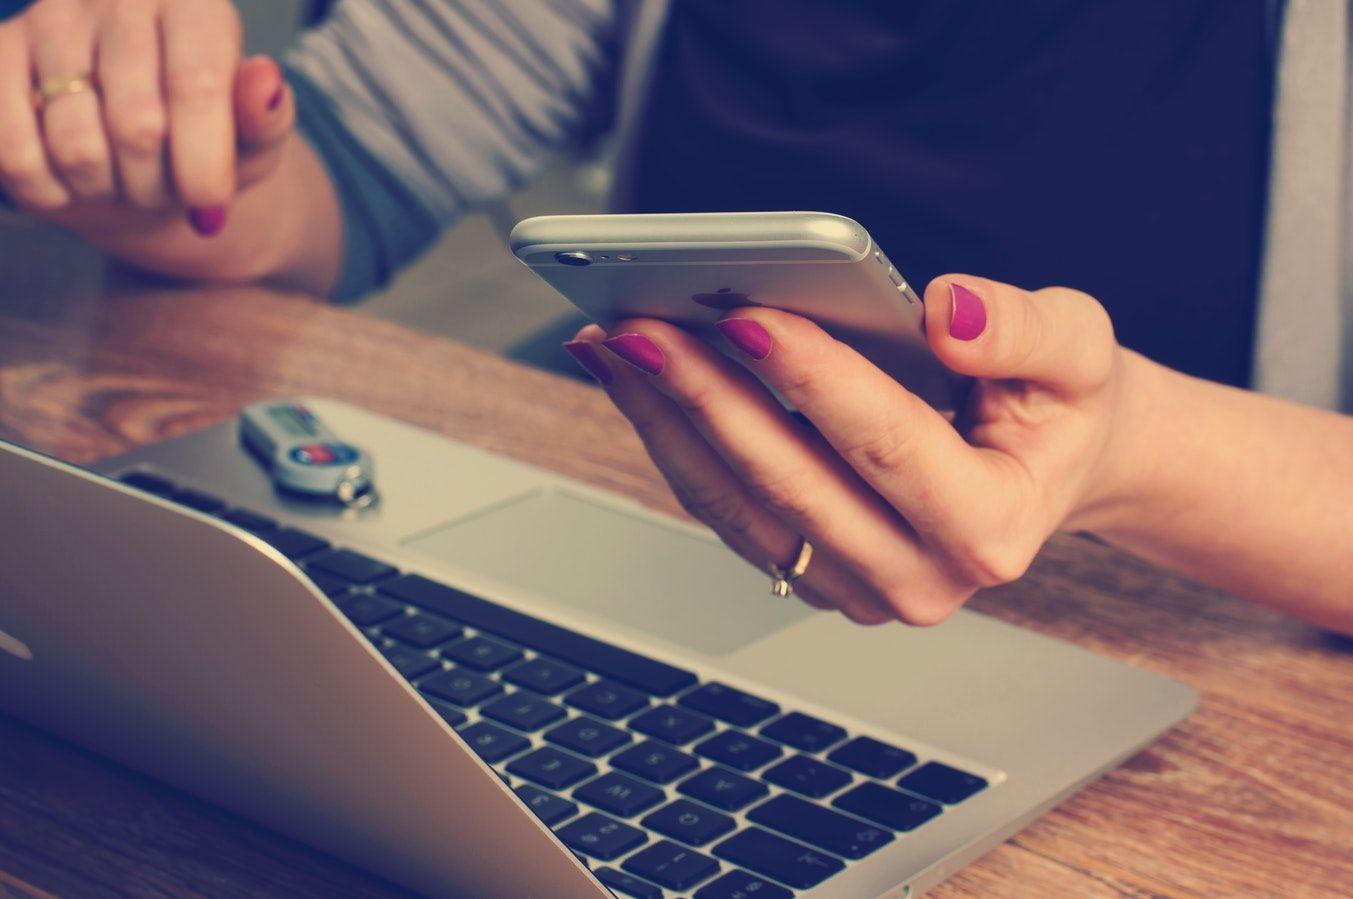 Applicazioni mobili come business: 12 modelli di business